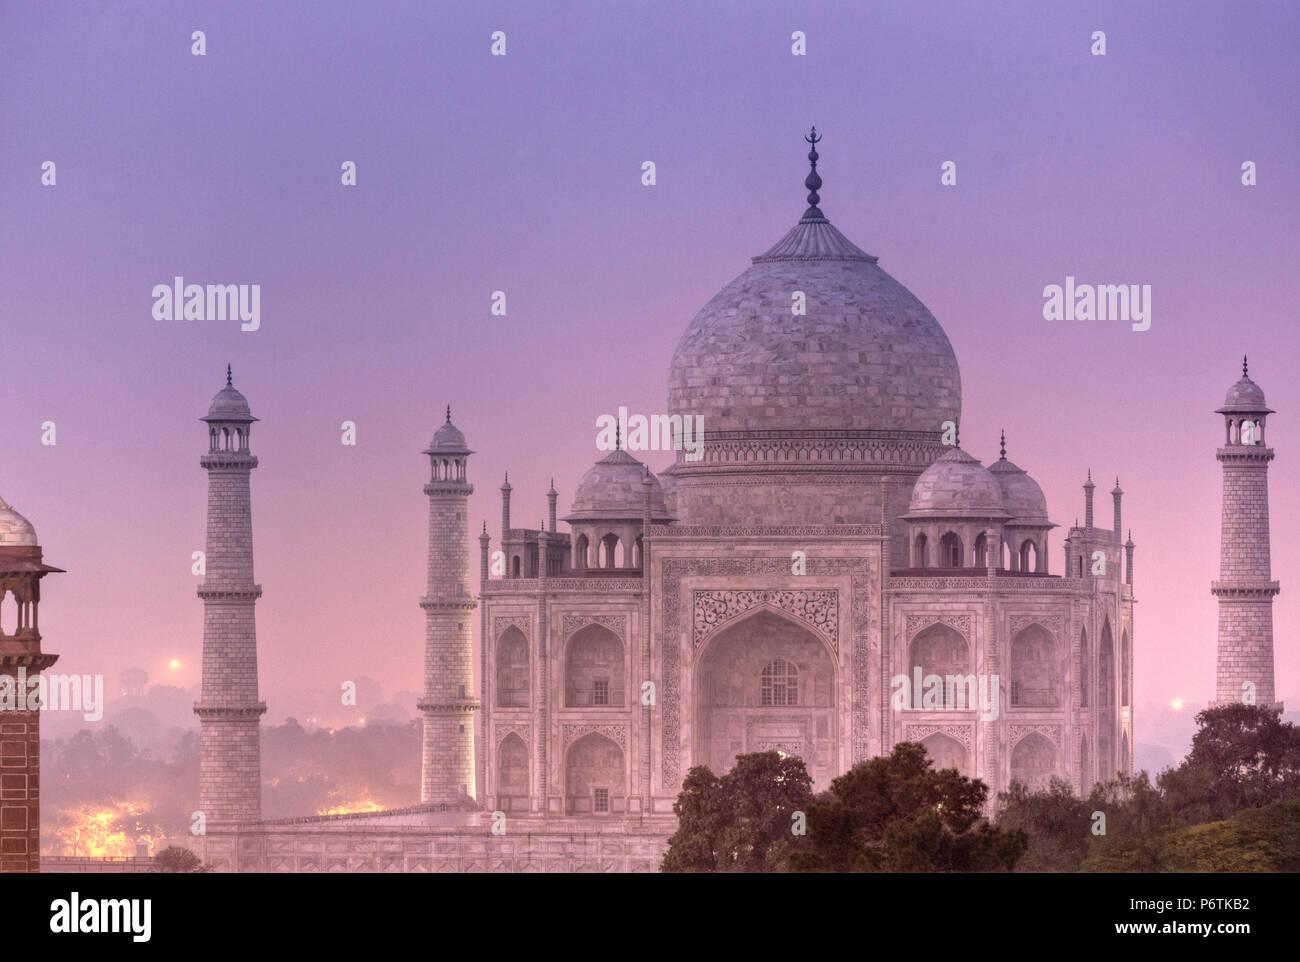 Indien, Uttar Pradesh, Agra, Taj Mahal (UNESCO-Welterbe), auf einem Vollmond Nacht Stockbild